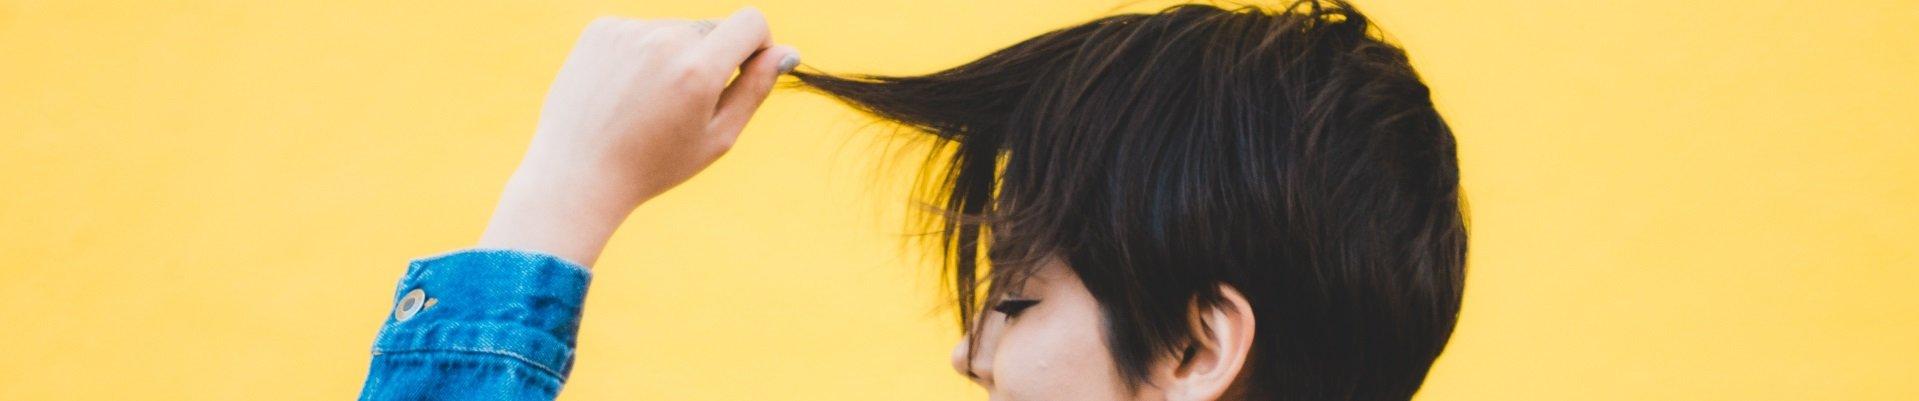 ragazza tira capelli corti